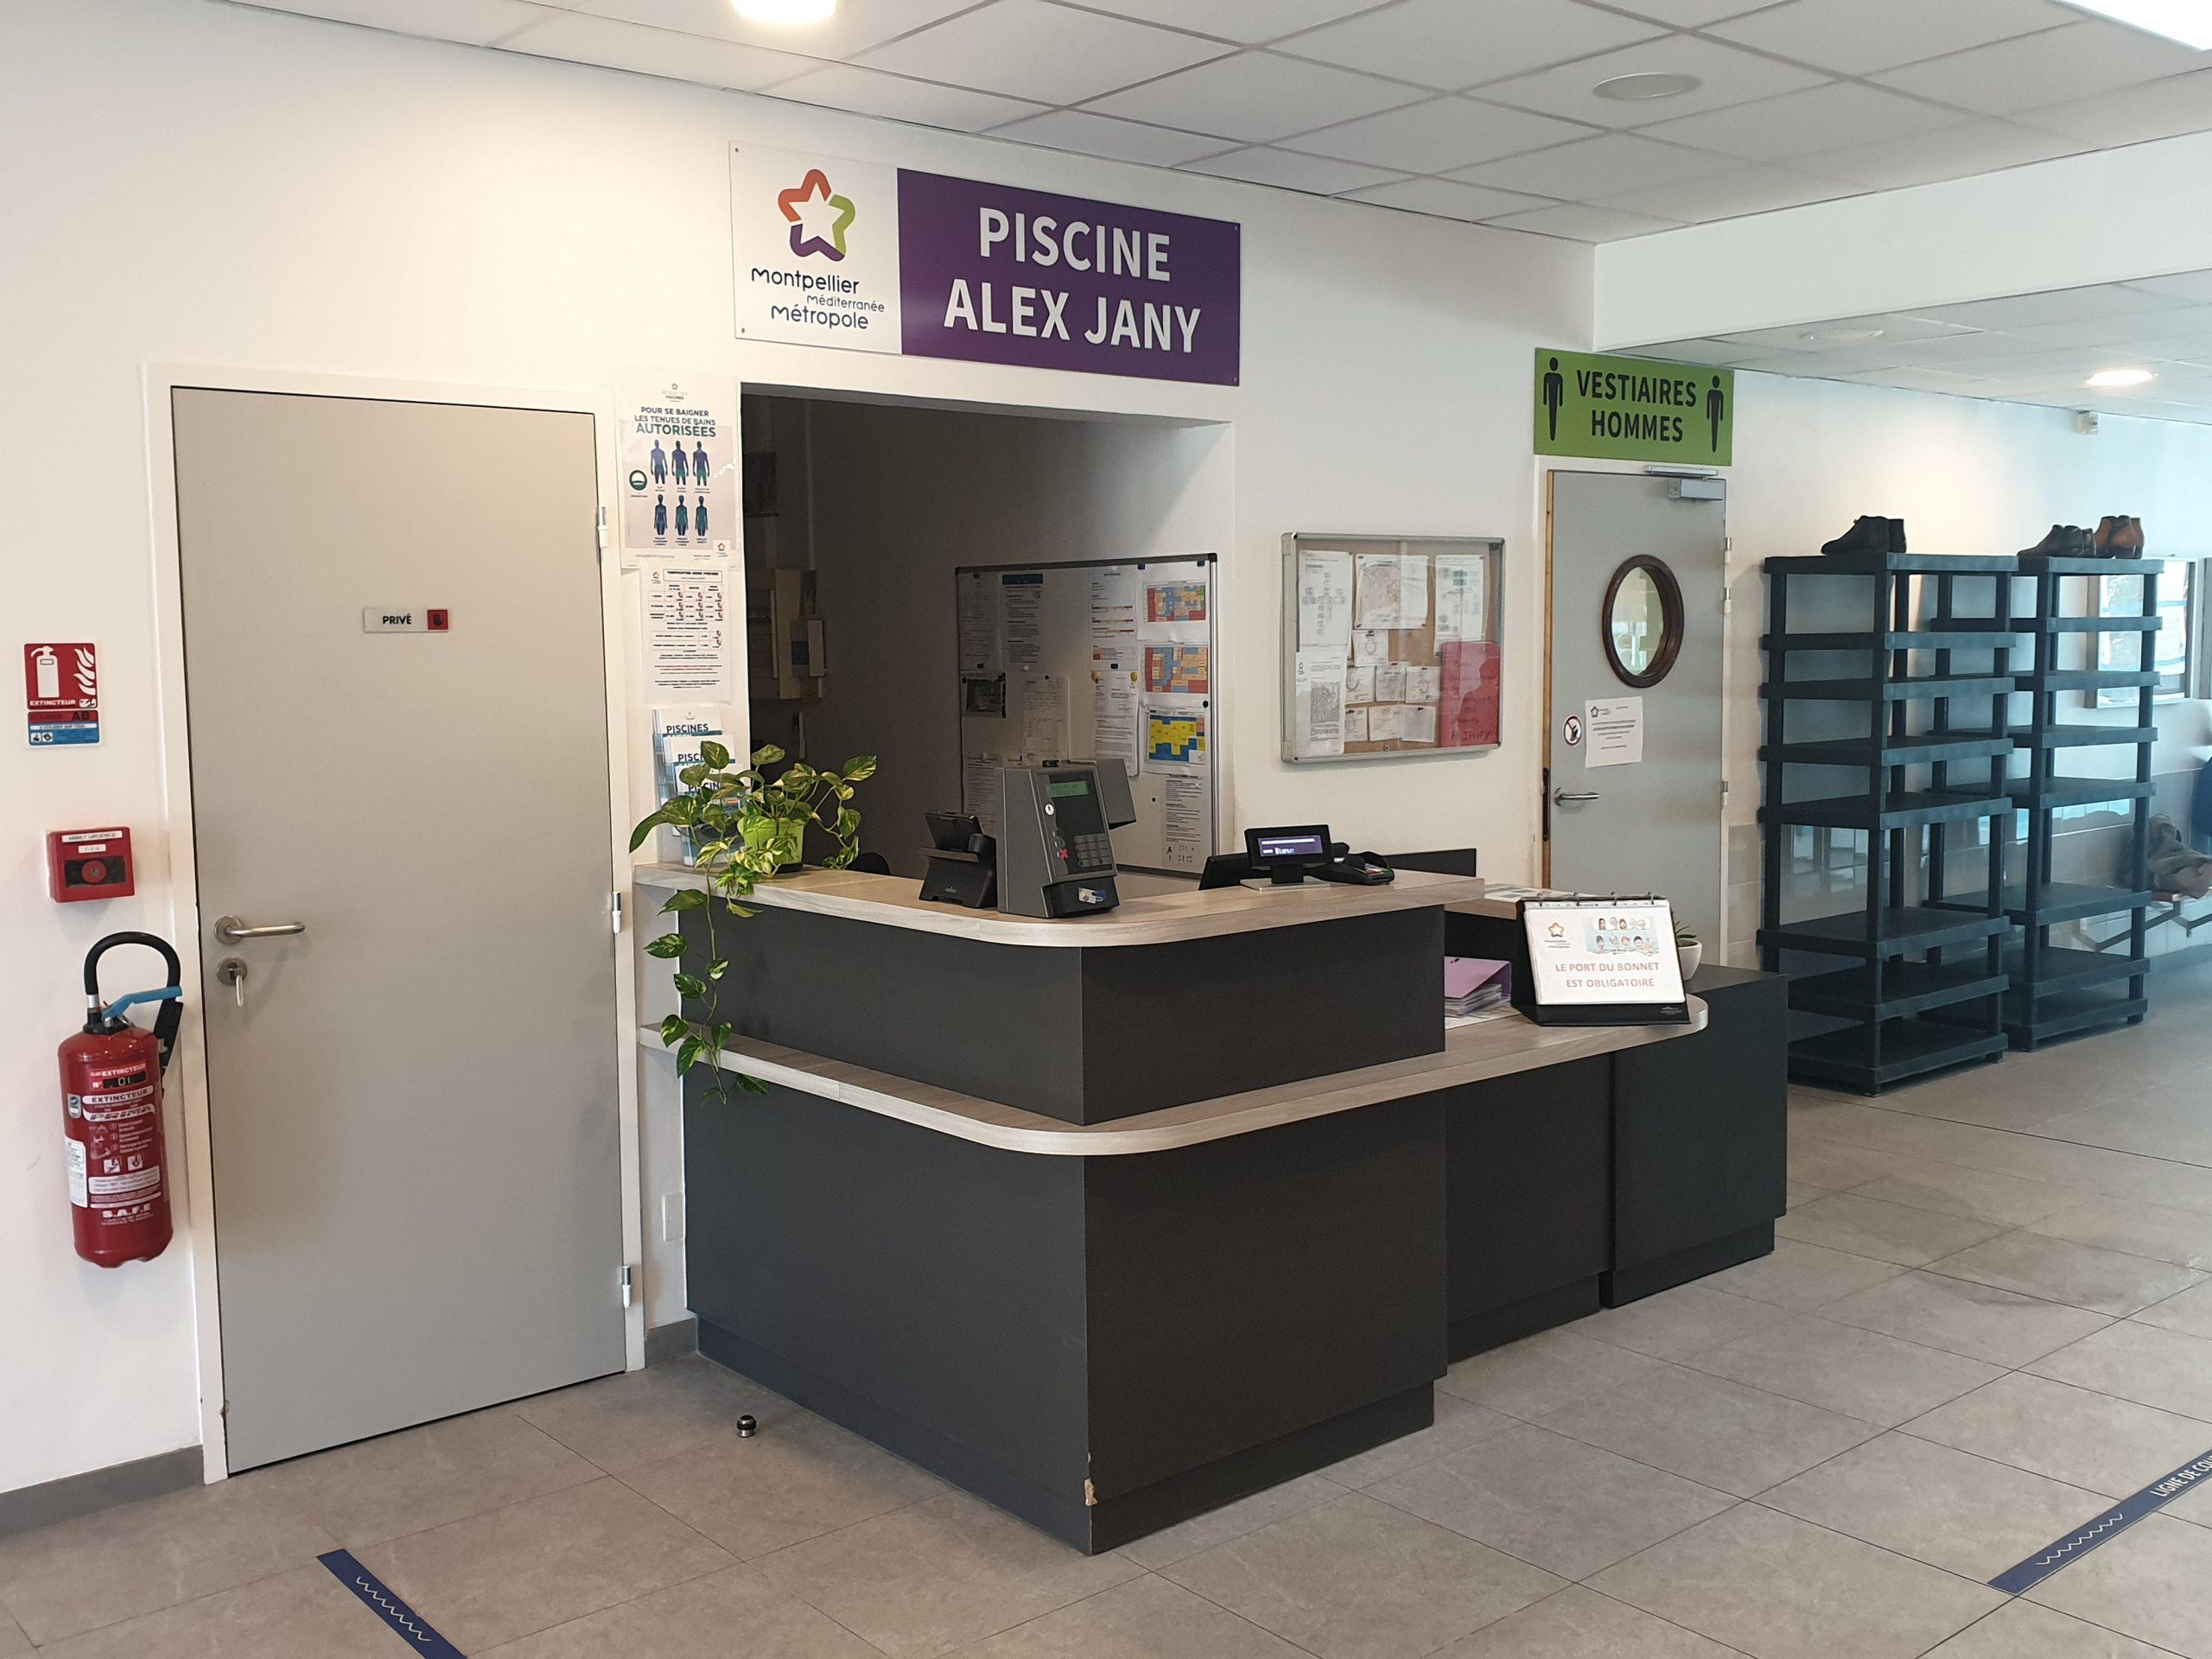 Piscine Alex Jany À Jacou | Montpellier Méditerranée Métropole pour Horaire Piscine Jacou